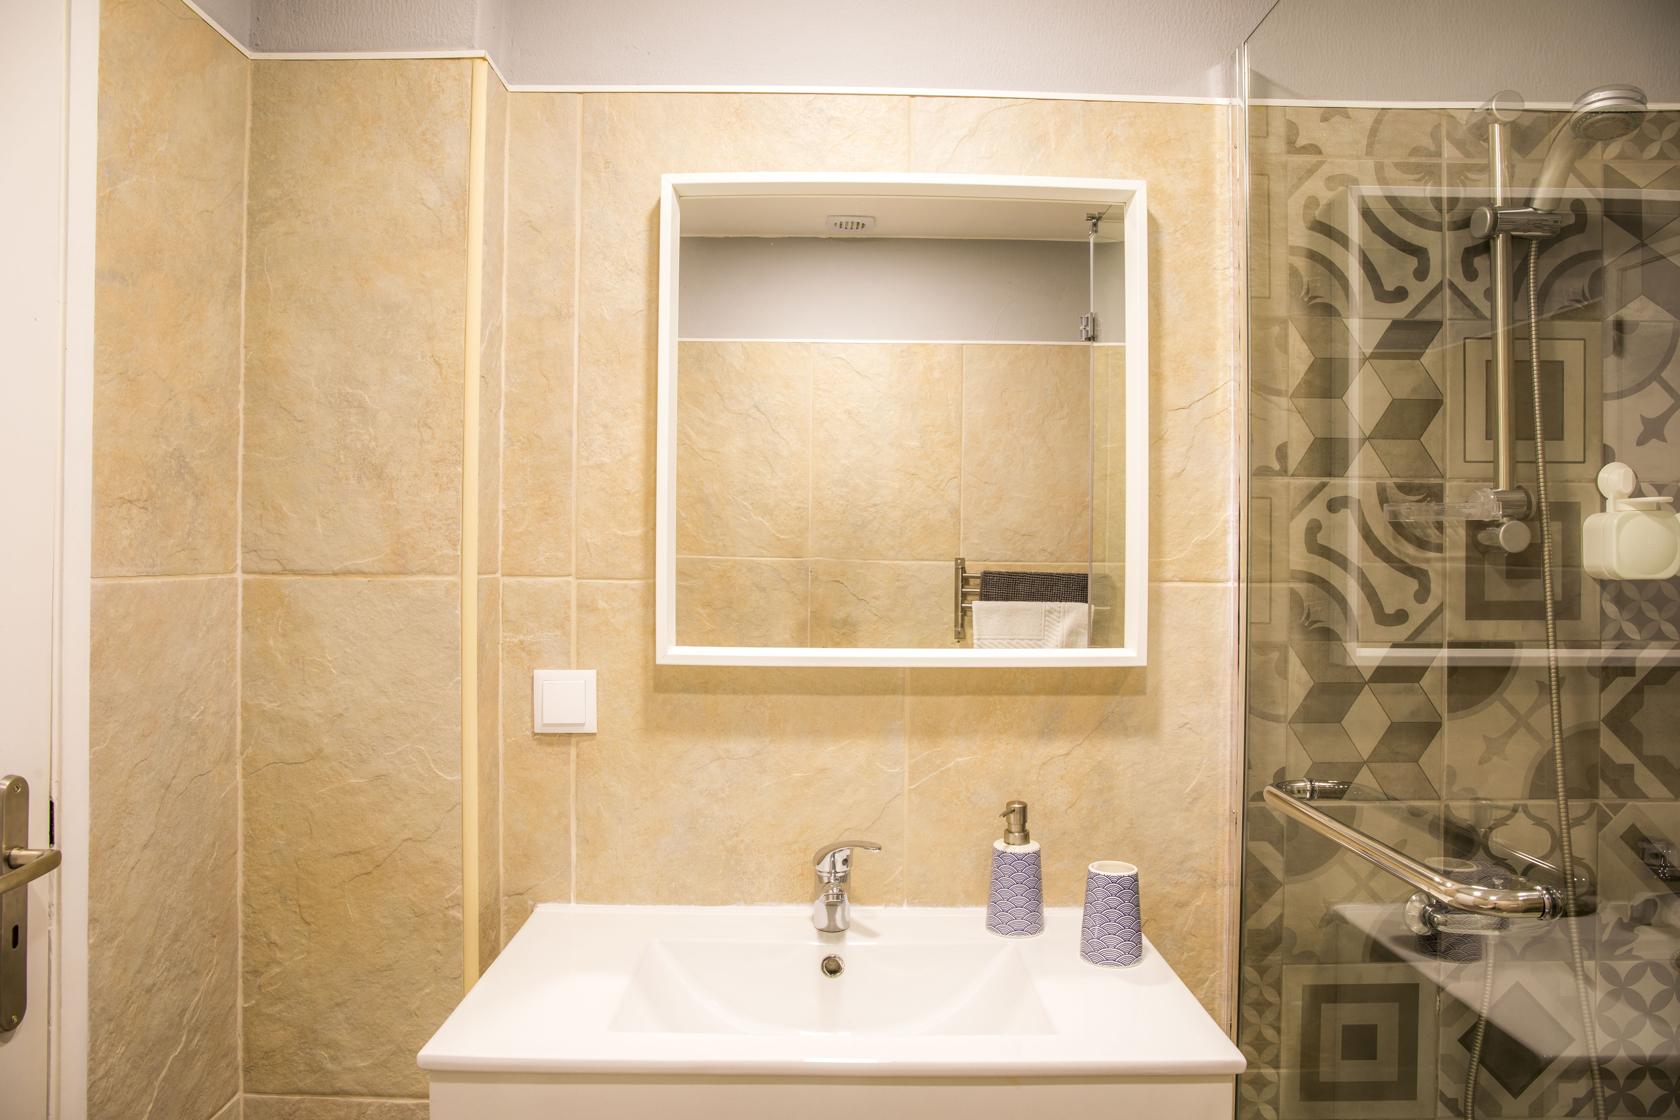 deflat-bathroom